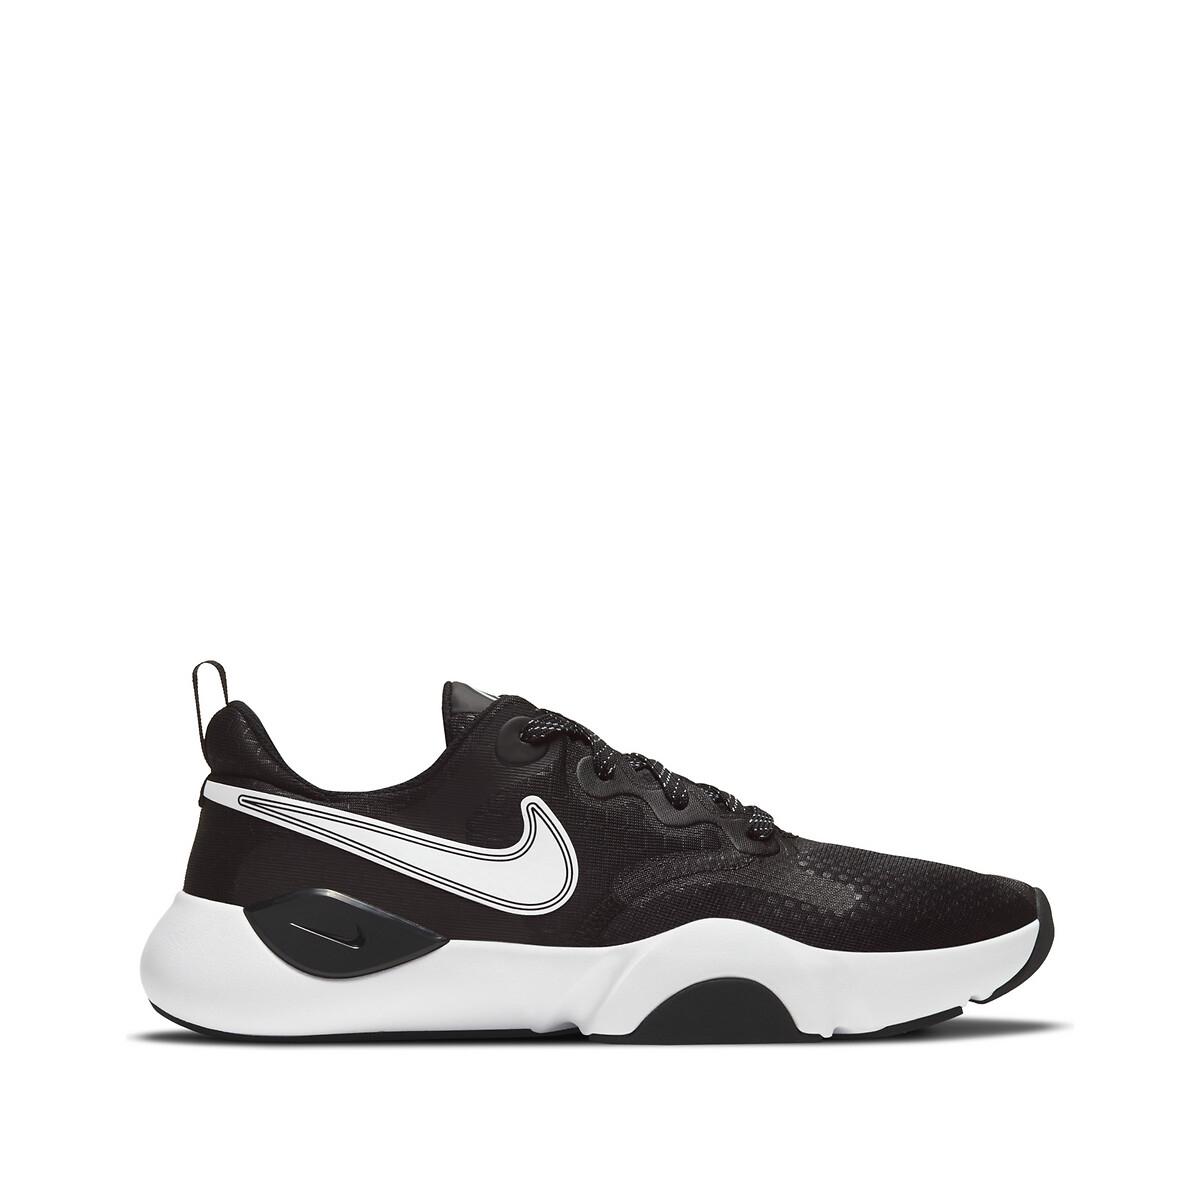 Nike SpeedRep Heren Black/White Heren online kopen